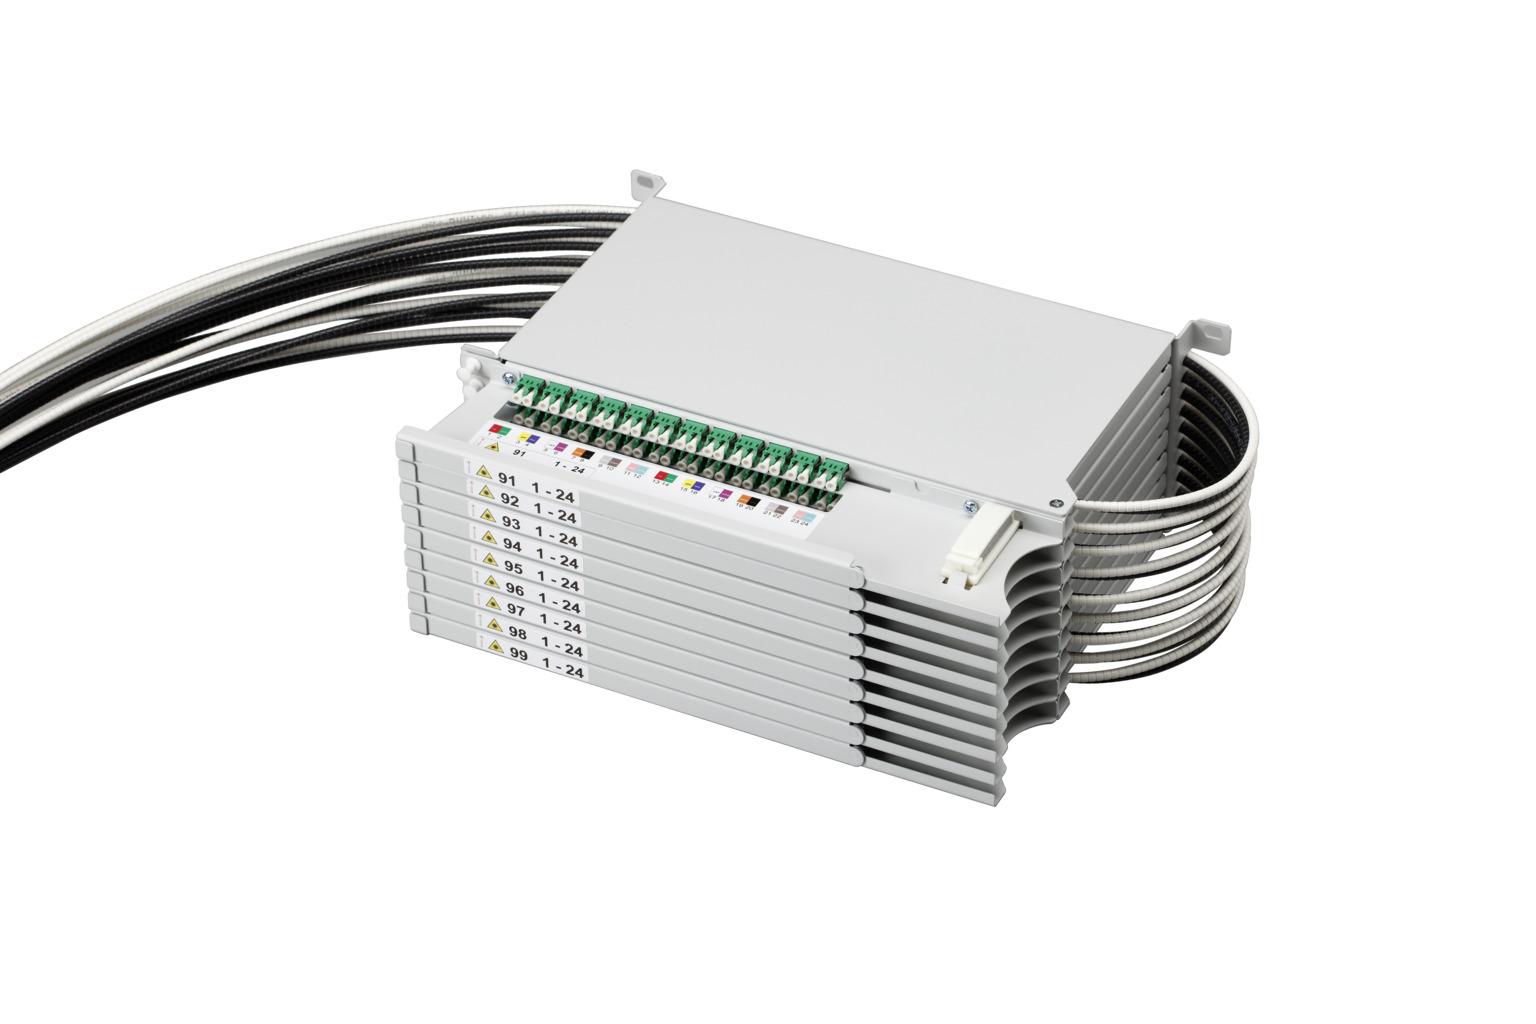 SPM HD 3HE 216x LC/APC